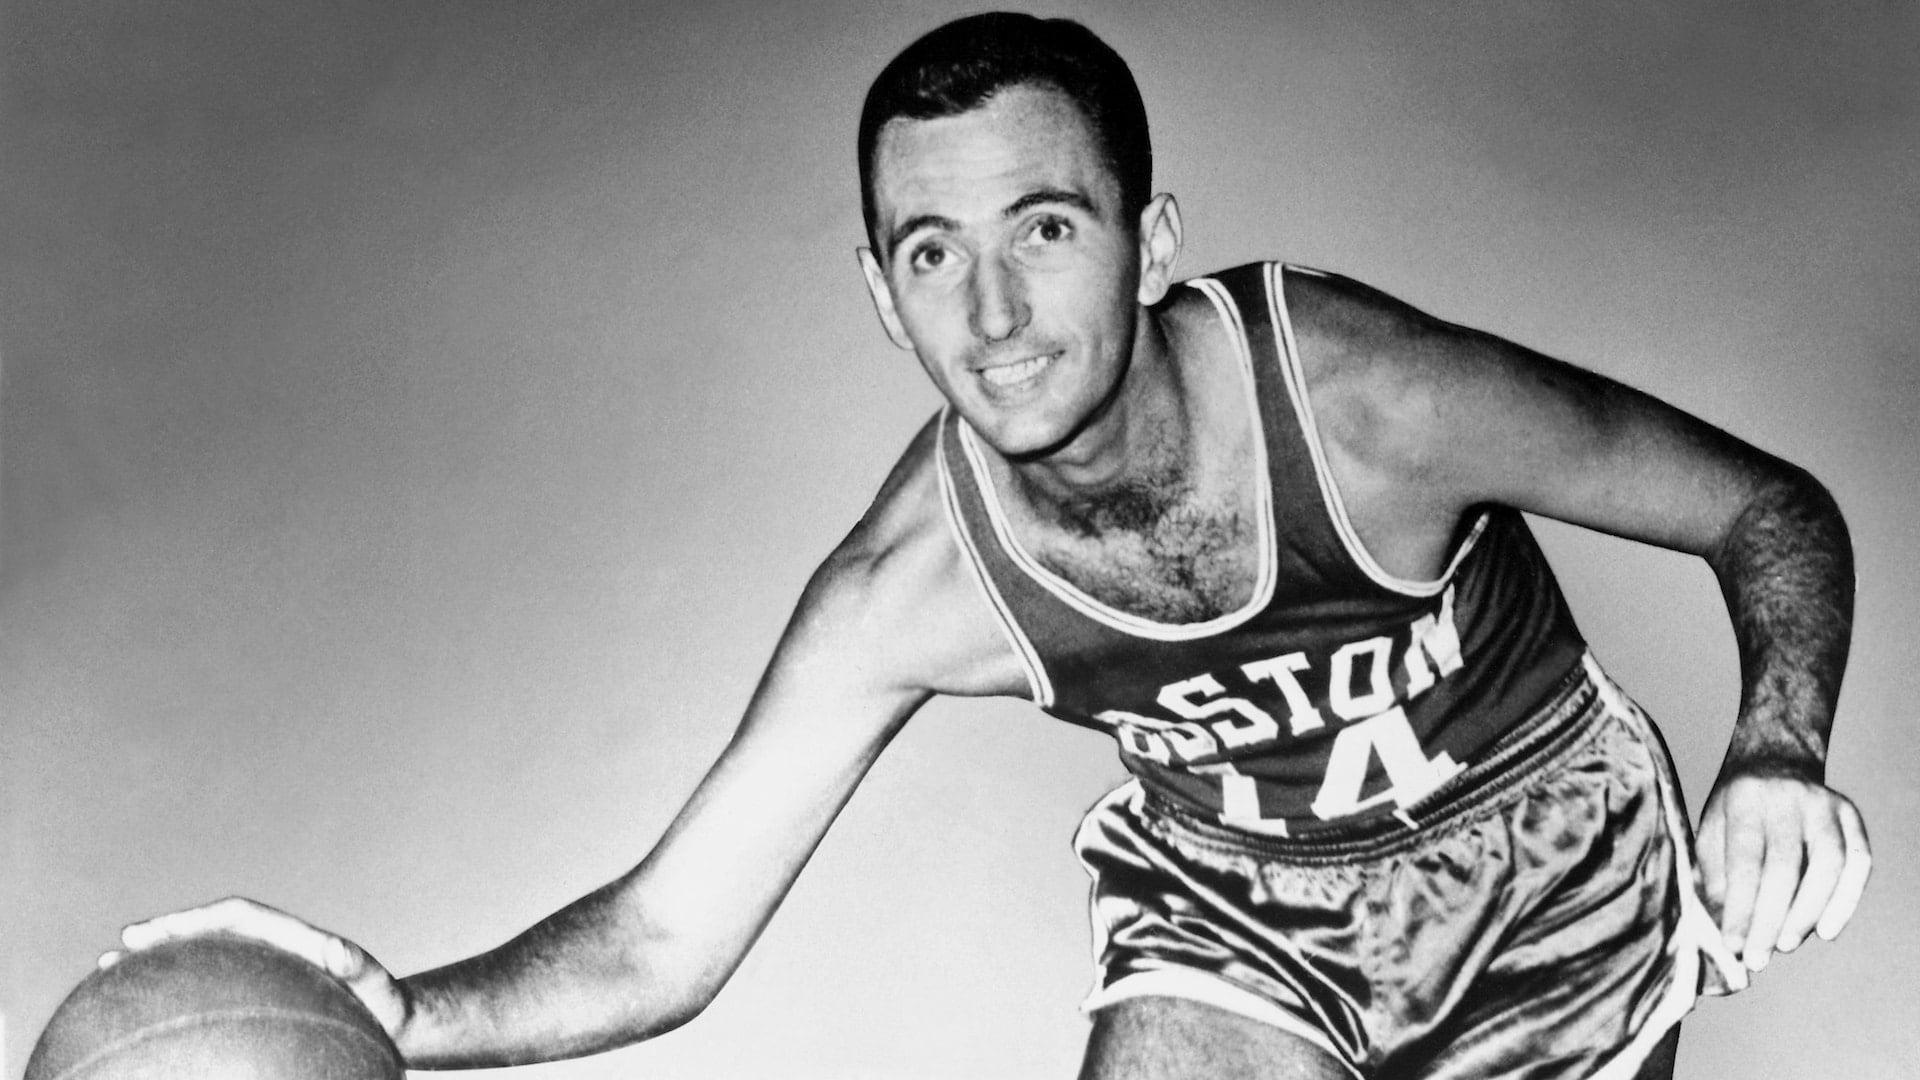 Legends profile: Bob Cousy